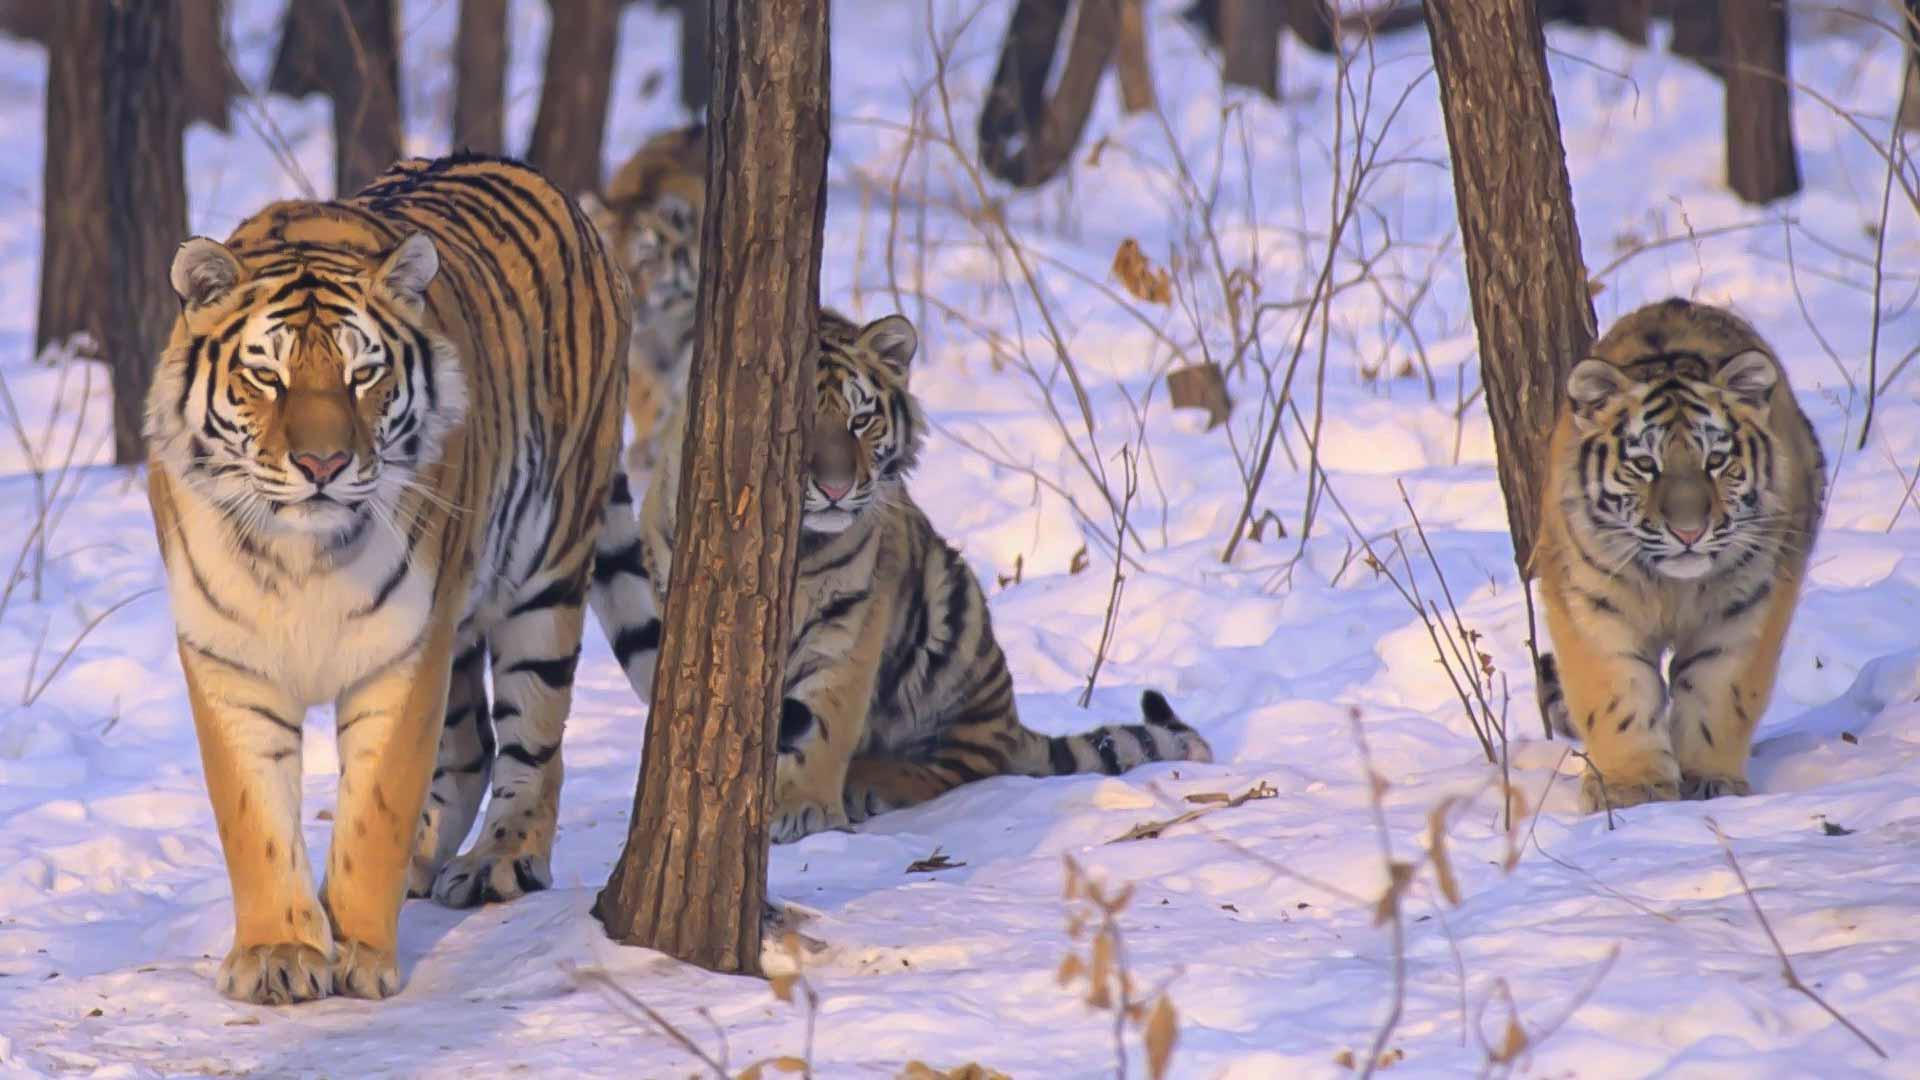 Zolushka la tigre siberiana salvata anche grazie ad AIB!